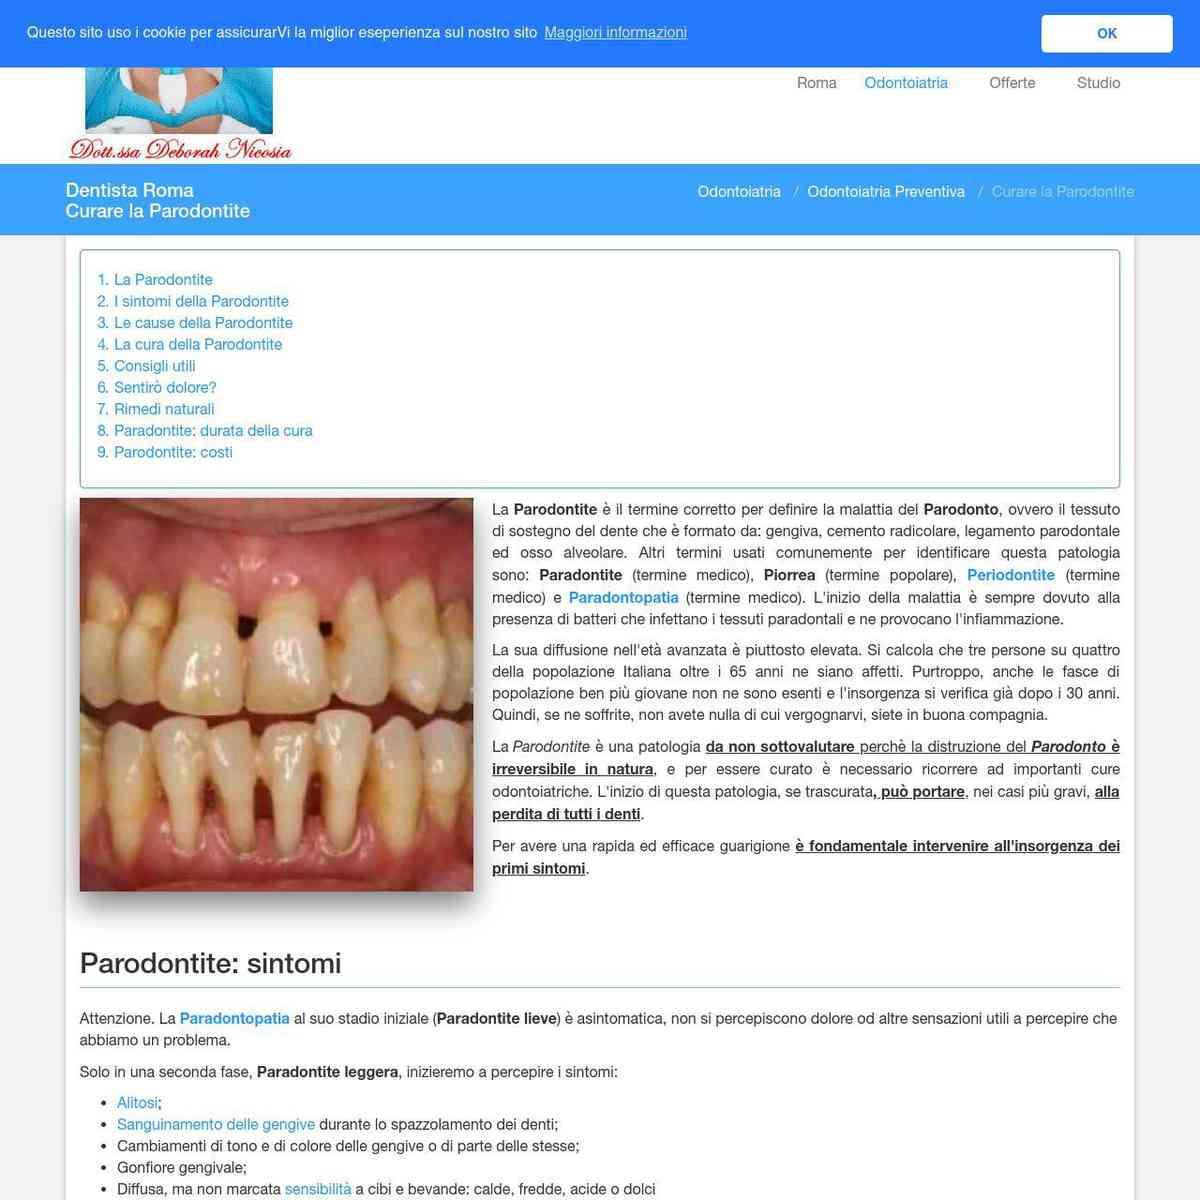 Curare la Parodontite - Dentista Roma